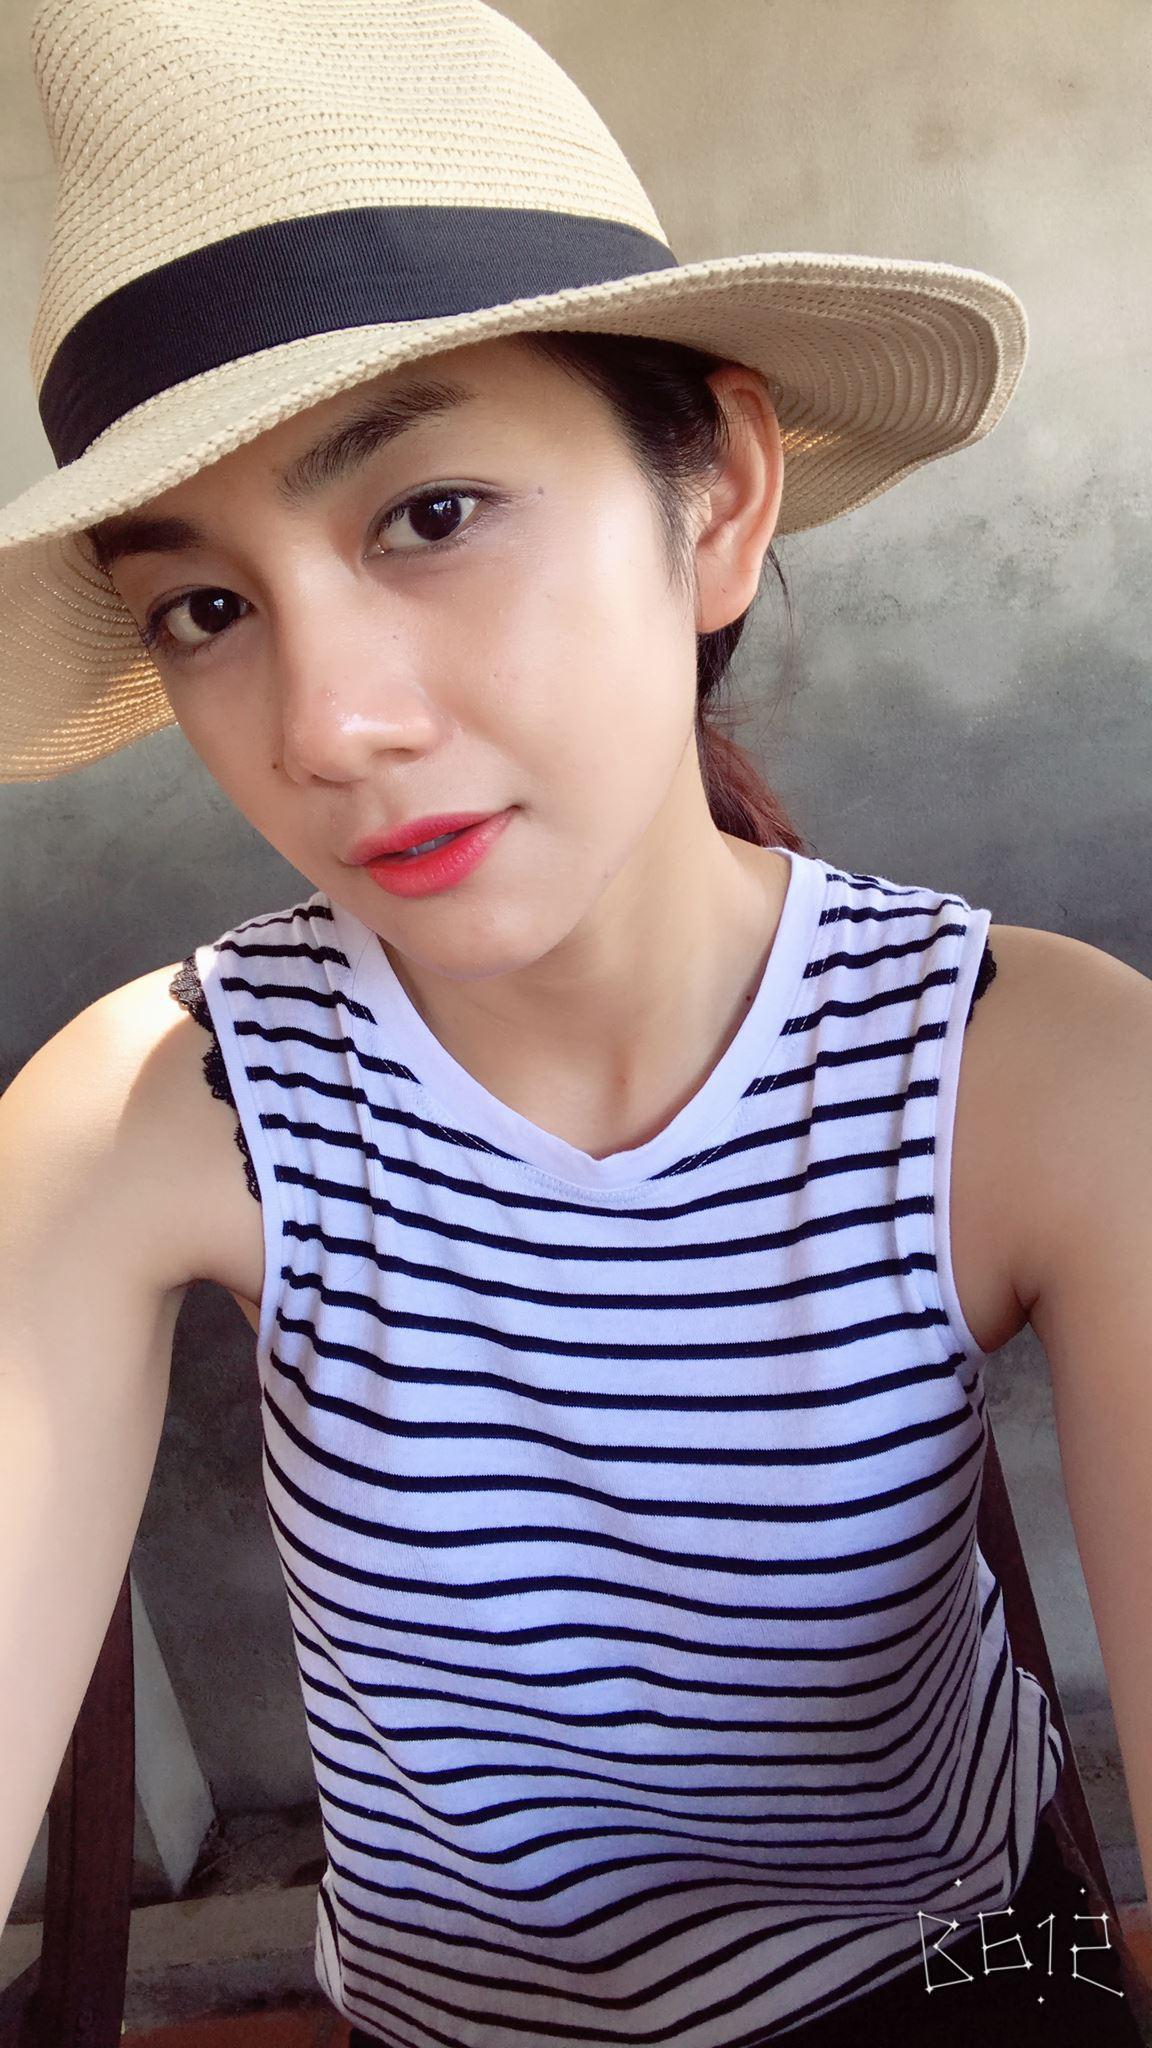 Cận cảnh nhan sắc chuẩn hotgirl của em dâu Minh Hằng - Ảnh 16.